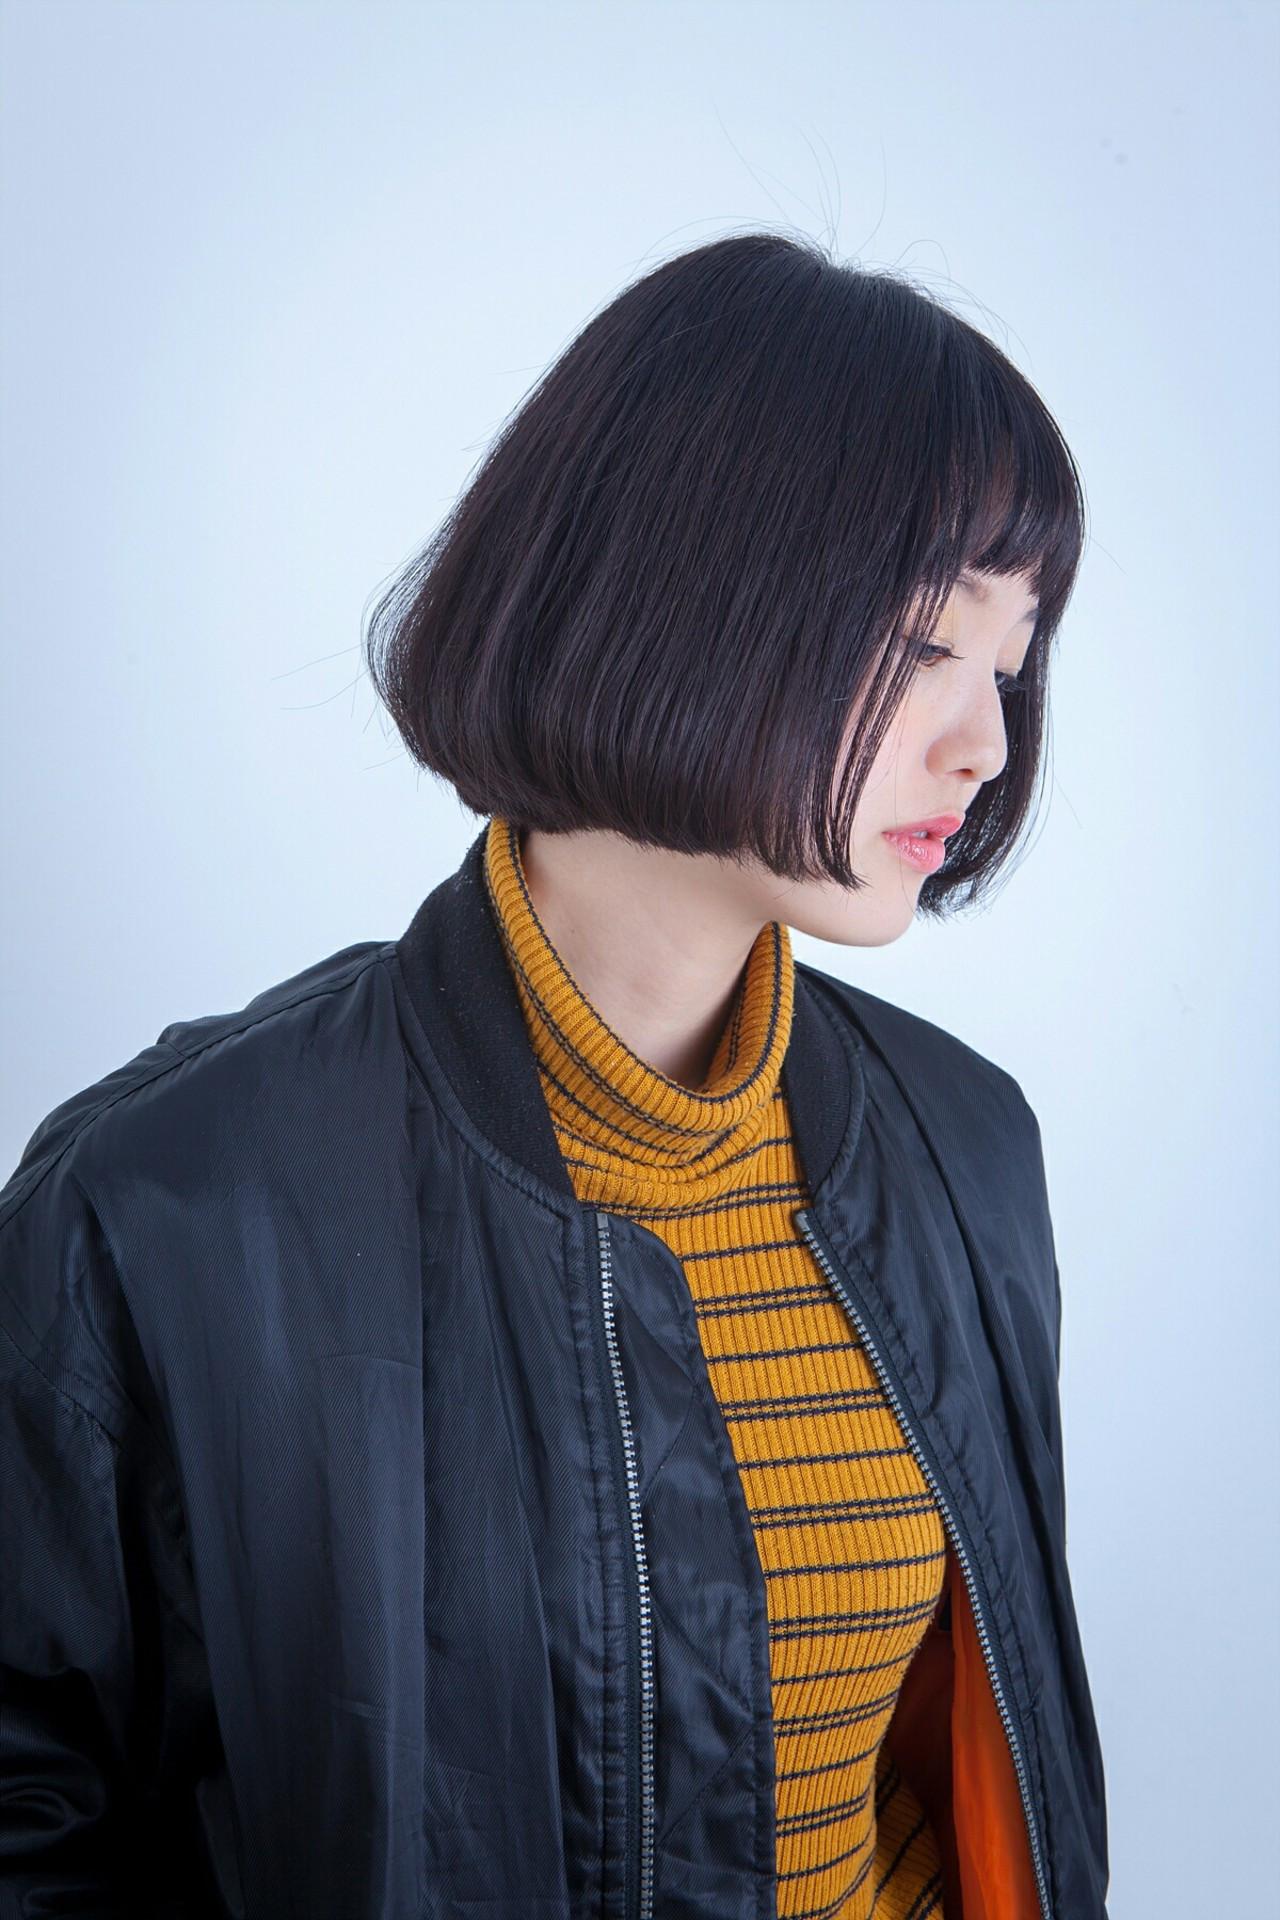 黒髪の重たさを感じさせないワンカールミニボブ 韓国のゴヨンジュ